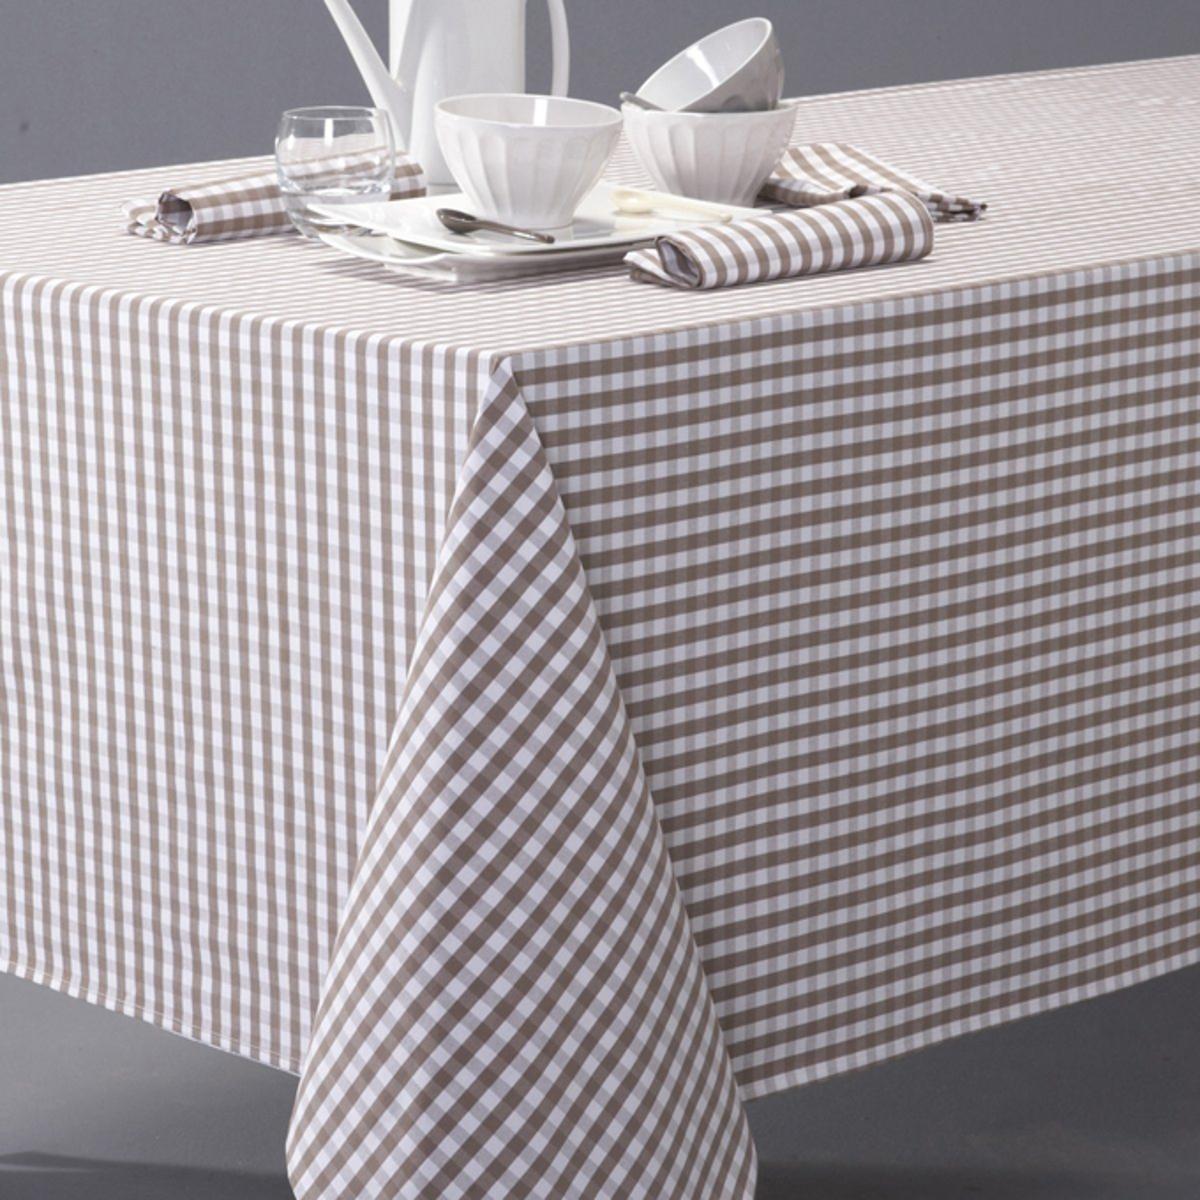 Скатерть в клетку виши, 100% хлопок с окрашенными волокнами, GARDEN PARTYВсегда модный рисунок в деревенском стиле, 3 цвета, для повседневного использования !  Машинная стирка при 40 °С.Текстиль для столовой, 100% хлопок с окрашенными волокнами : гарантия качества и долговечности.<br><br>Цвет: серо-коричневый,серый/ белый<br>Размер: 150 cm.150 cm